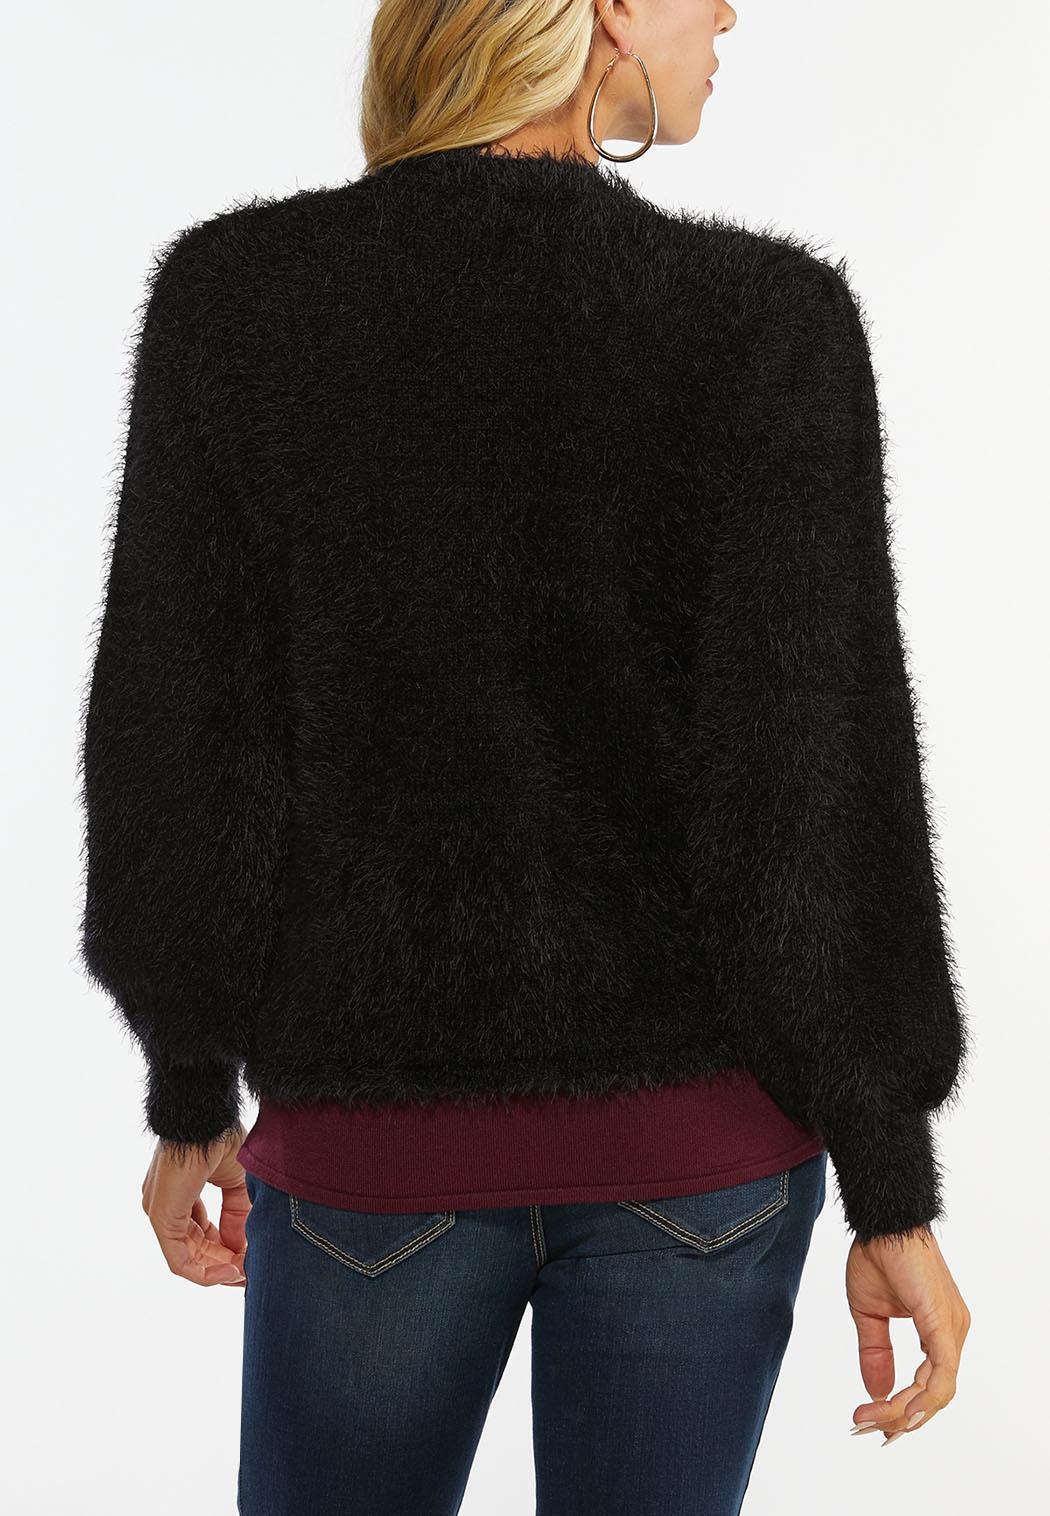 Fuzzy Black Cardigan Sweater (Item #44413138)